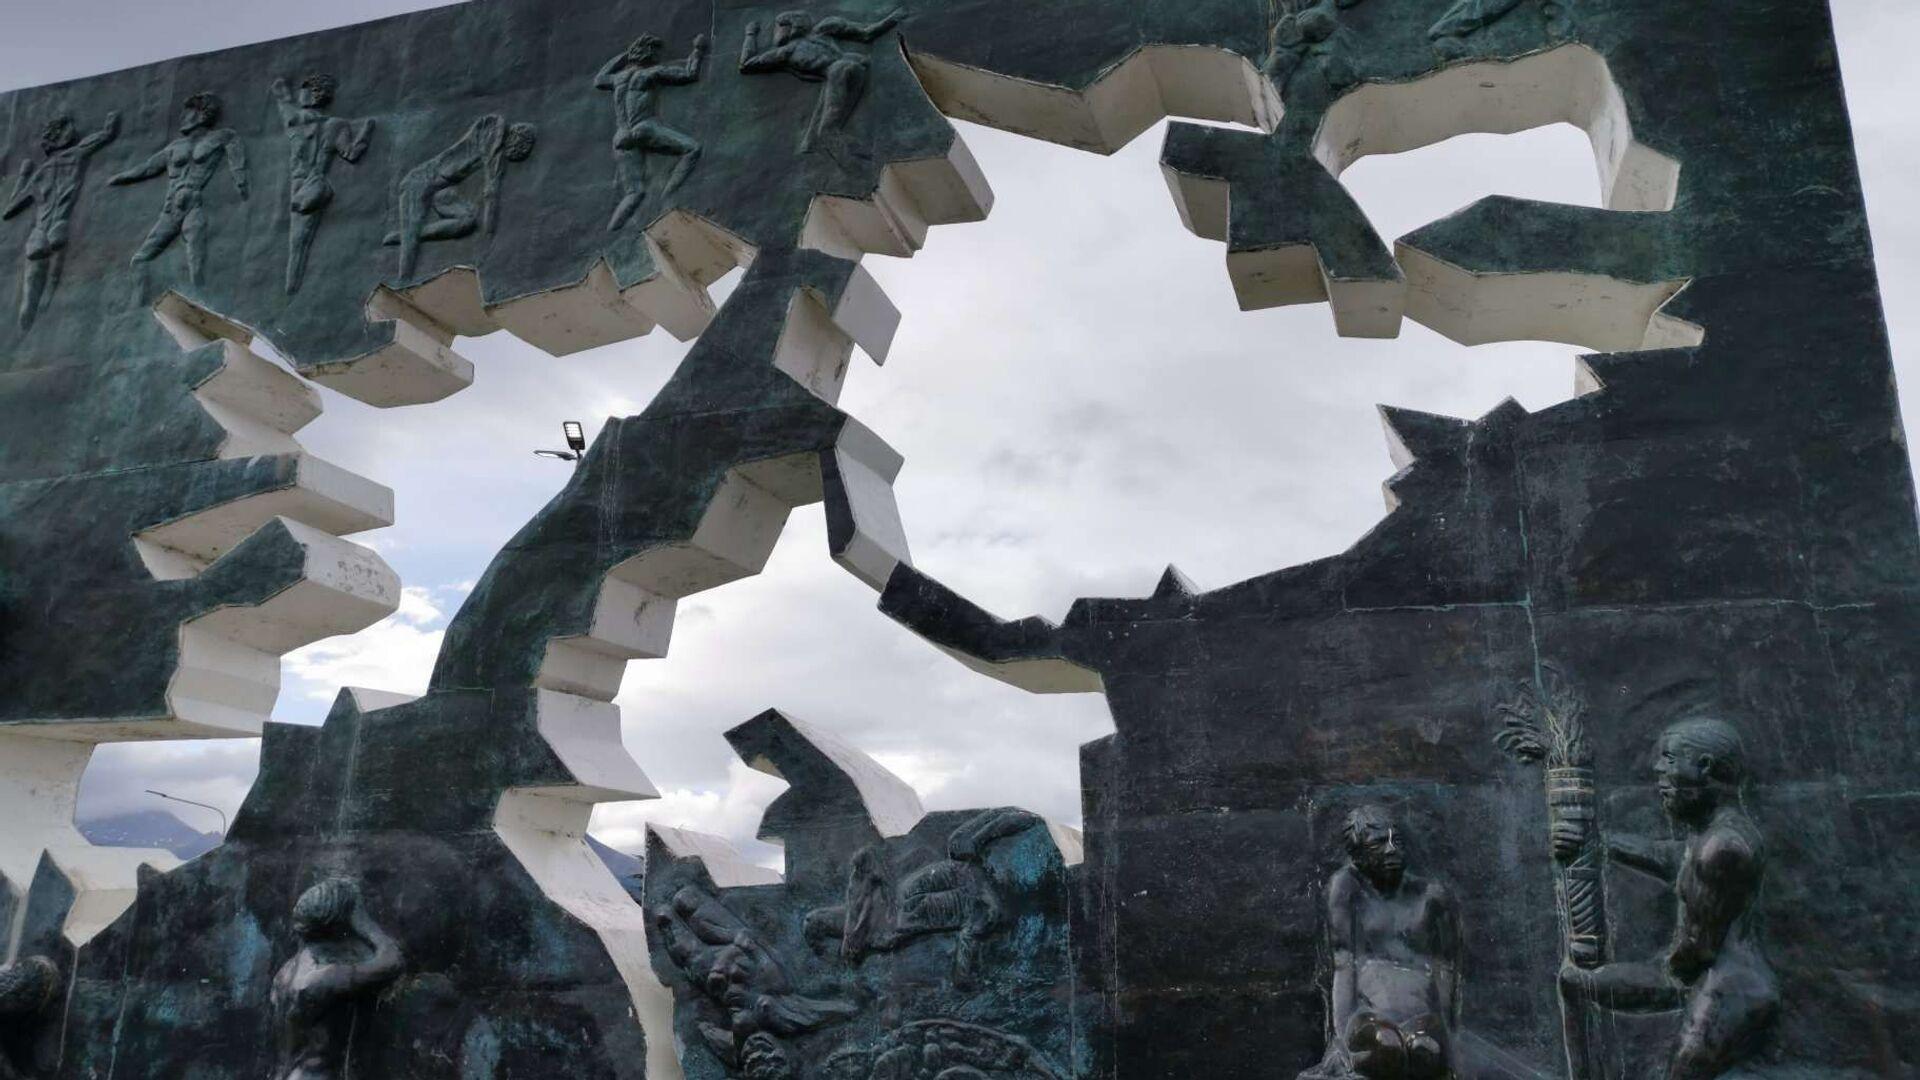 Monumento a los Caídos en Malvinas, en Ushuaia, Argentina - Sputnik Mundo, 1920, 14.06.2021